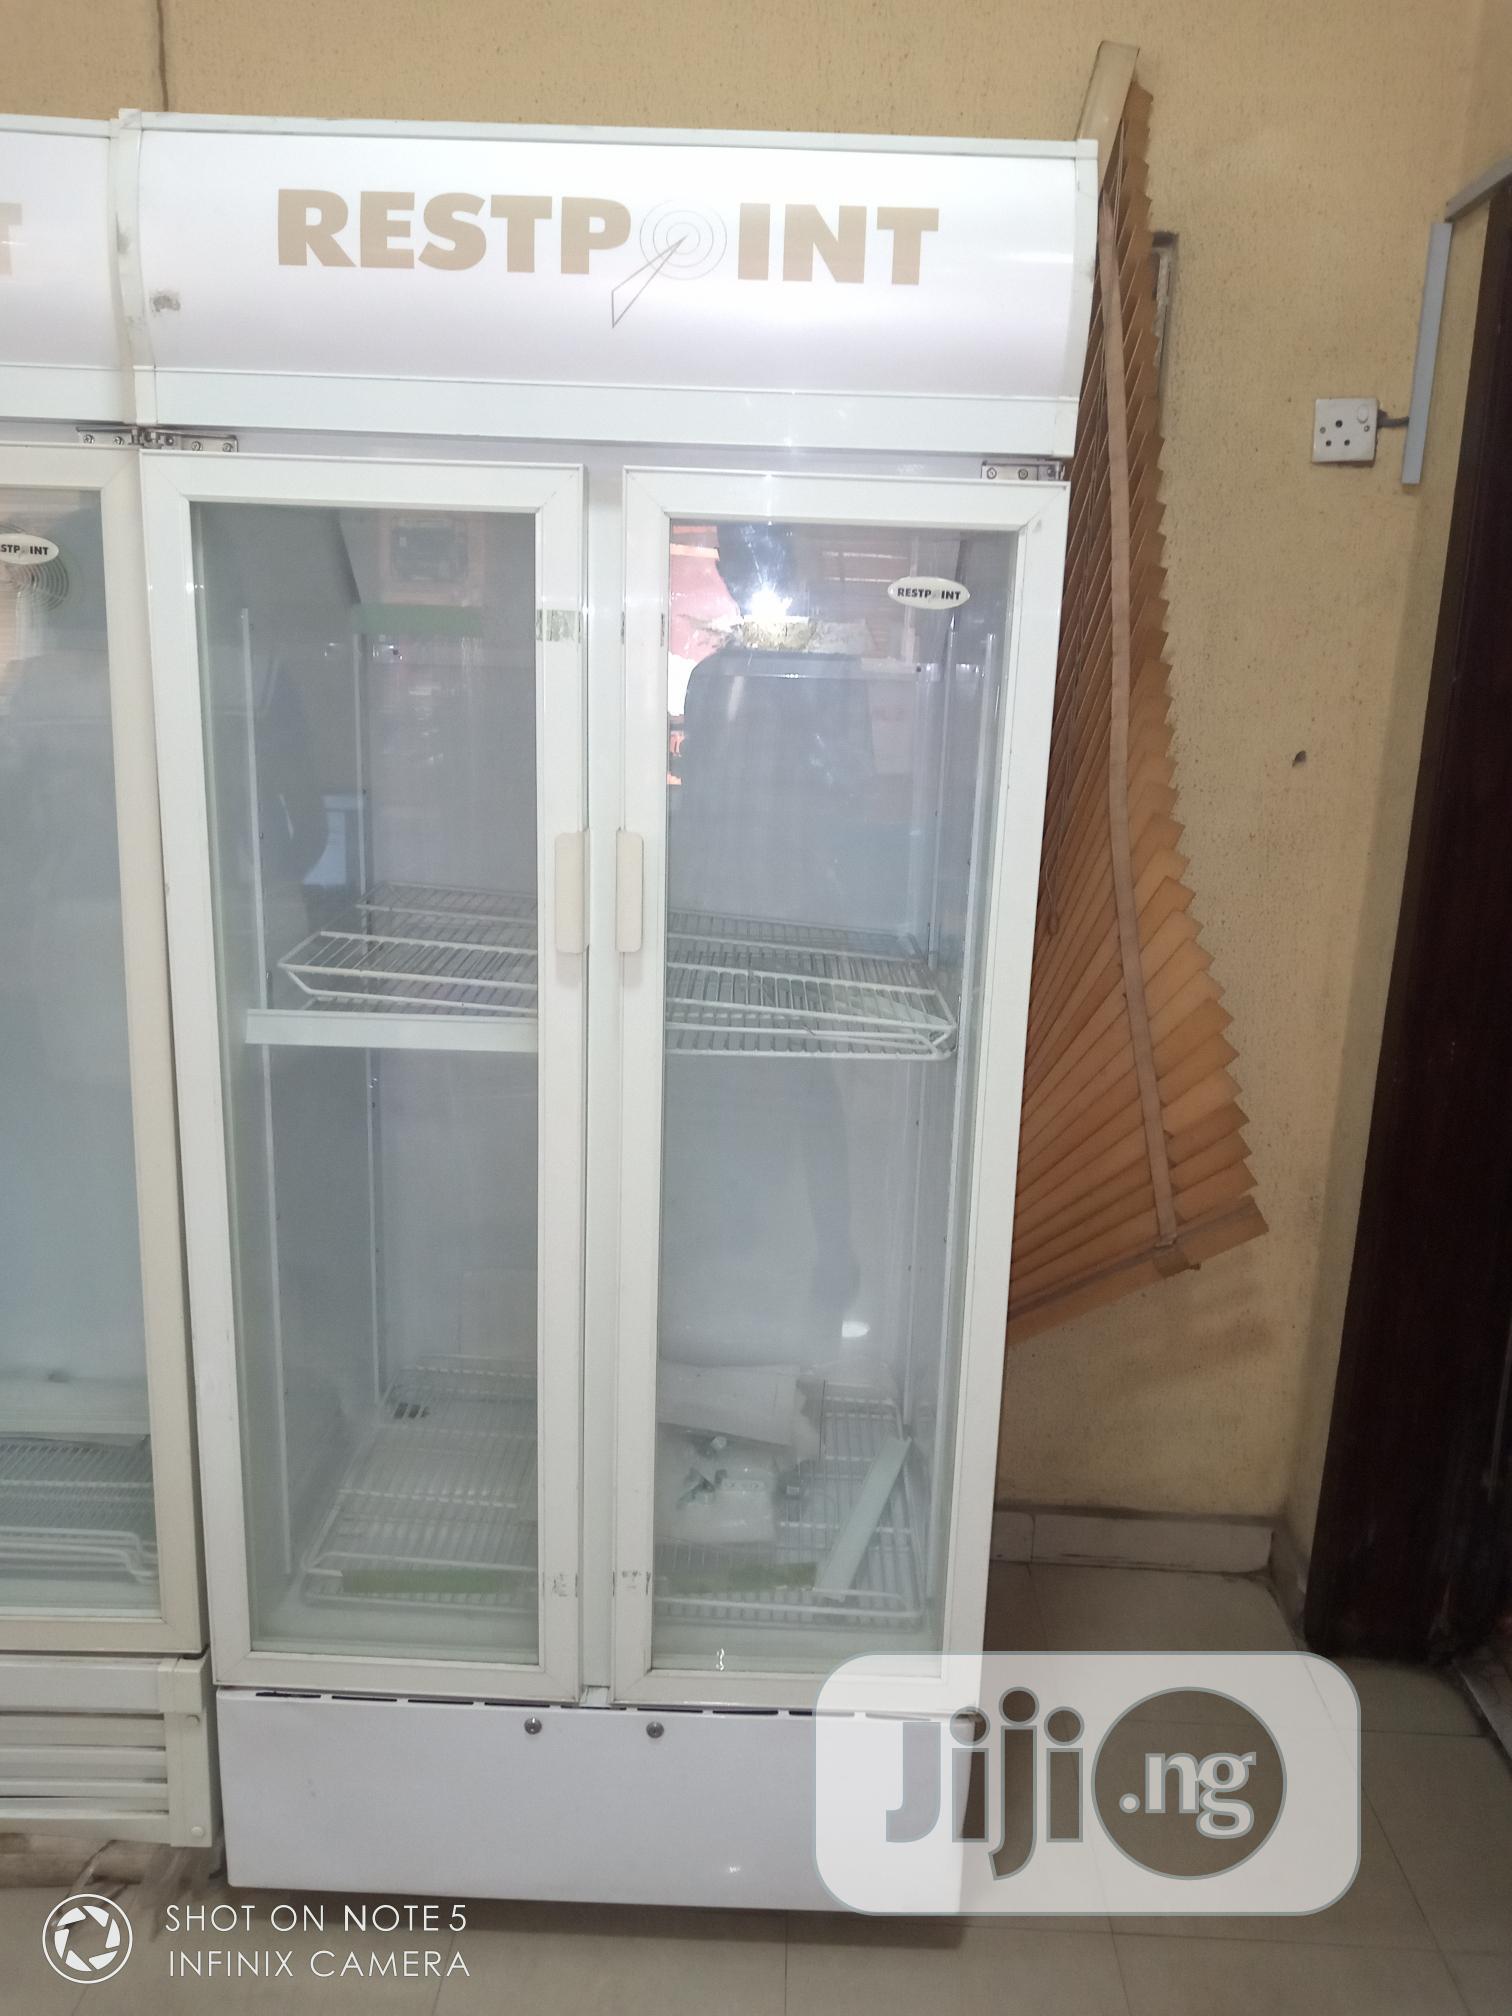 Super Restpoint ( Rp 700 L ) Fridge Display Chiller Showcase+Warranty